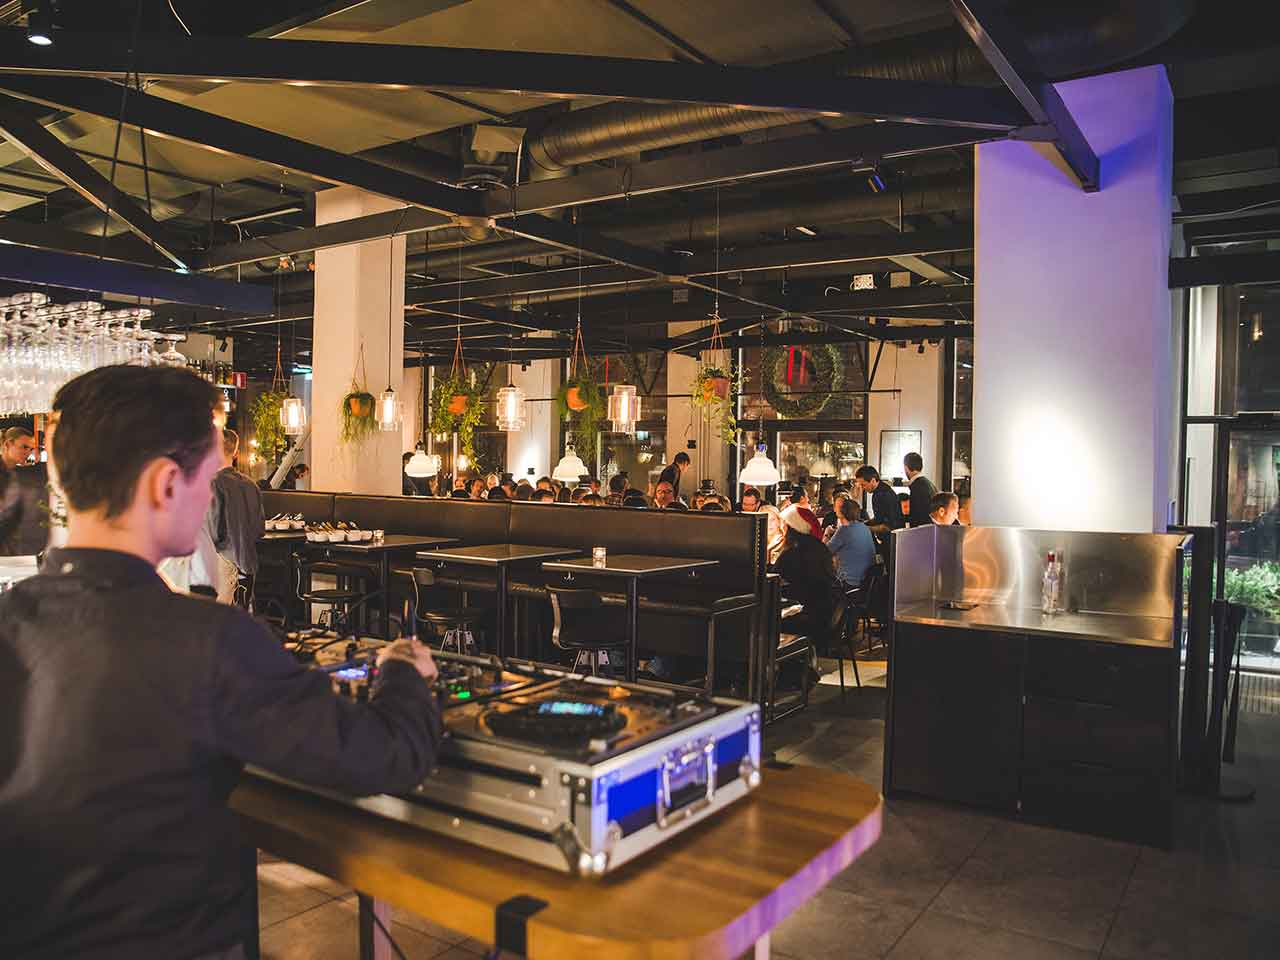 Festvåning på Torsgatan - DJ i matsalen